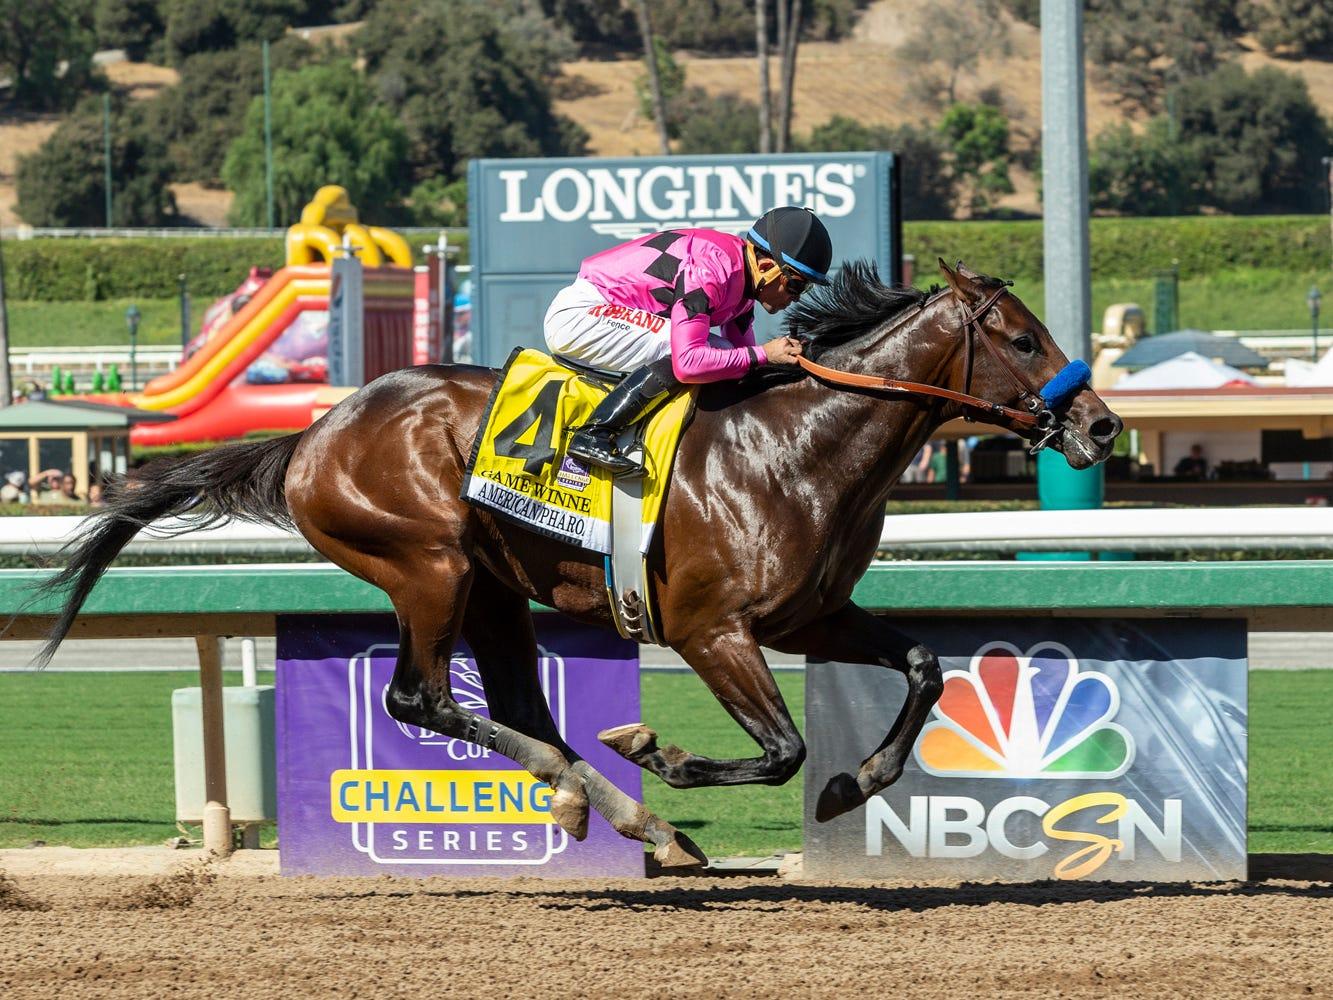 Game Winner and jockey Joel Rosario win the Grade I $300,000 American Pharoah Stakes horse race Saturday, Sept. 29, 2018, at Santa Anita in Arcadia, Calif.